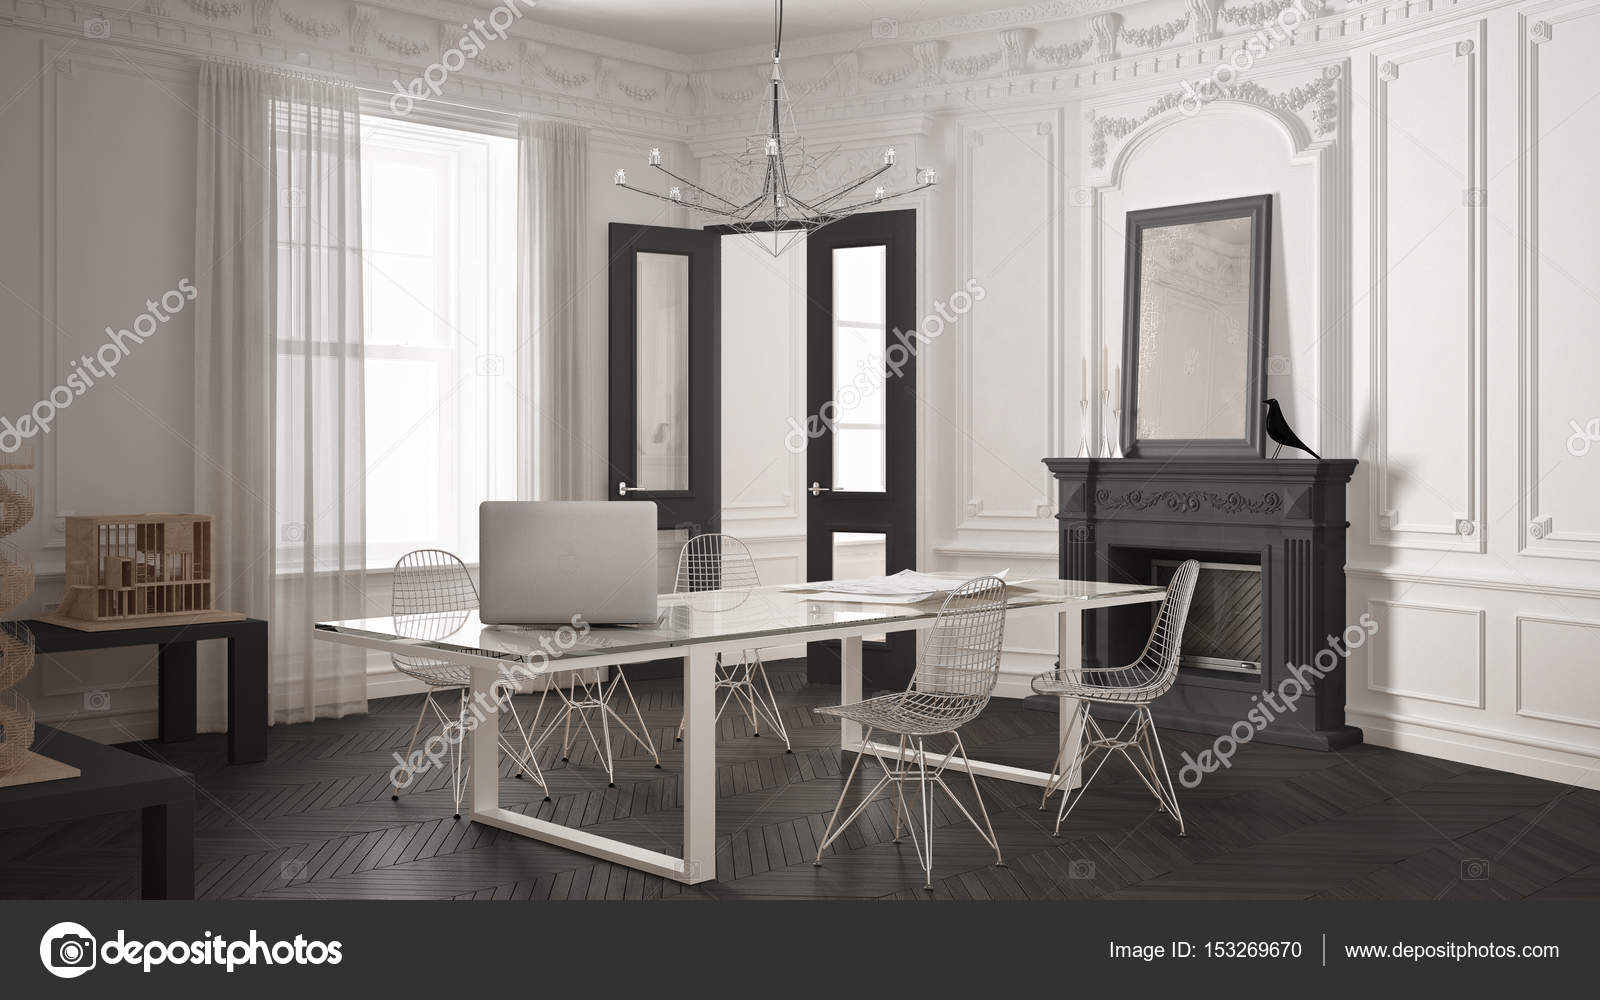 Minimalistisch interieur openhaard d computer graphics van een